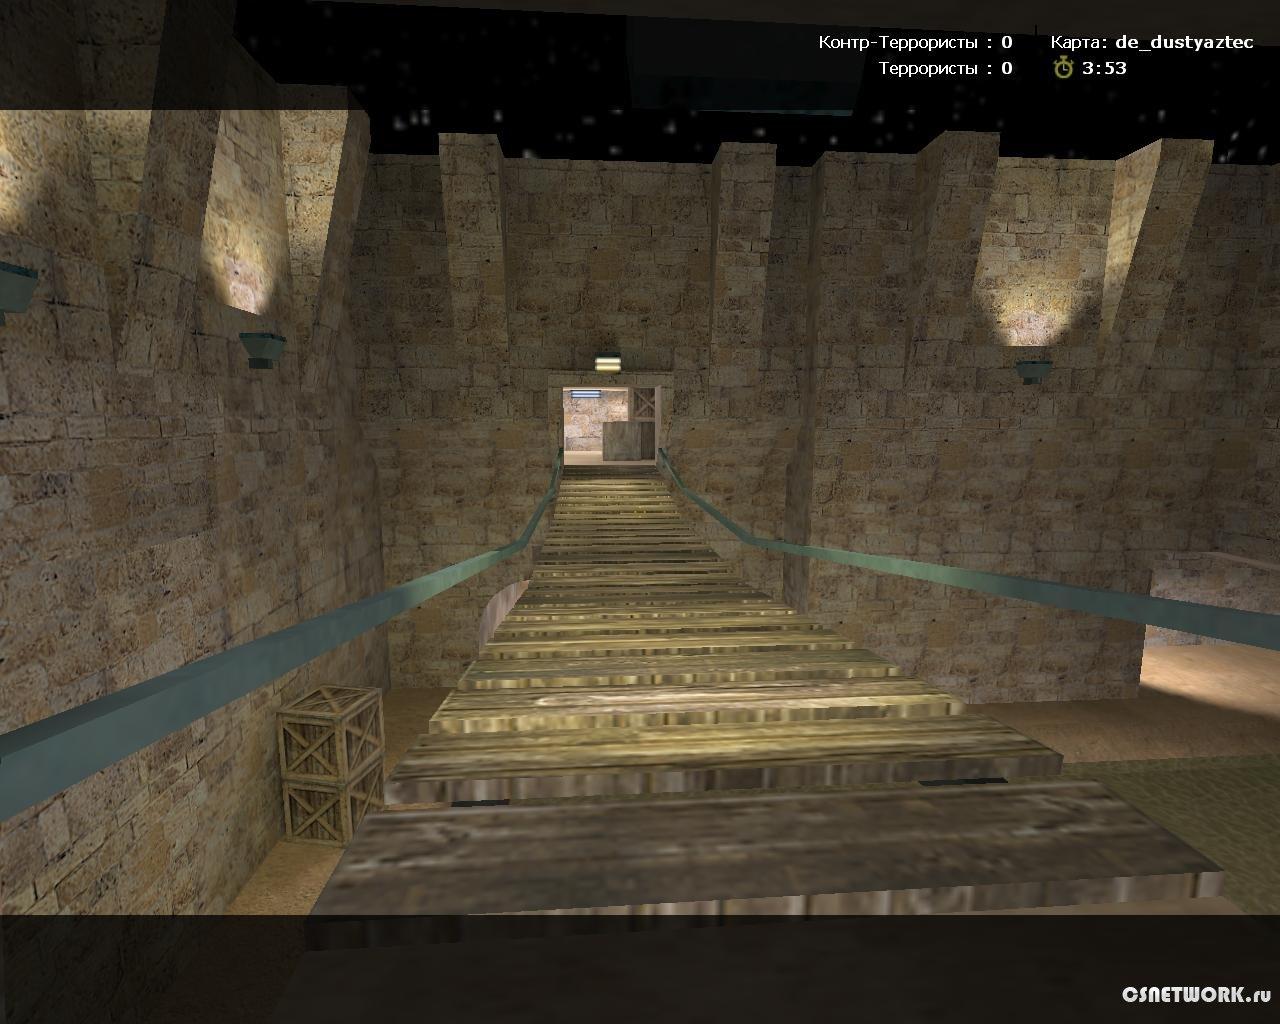 6 de_dustyaztec 下载文件,地图截图图片